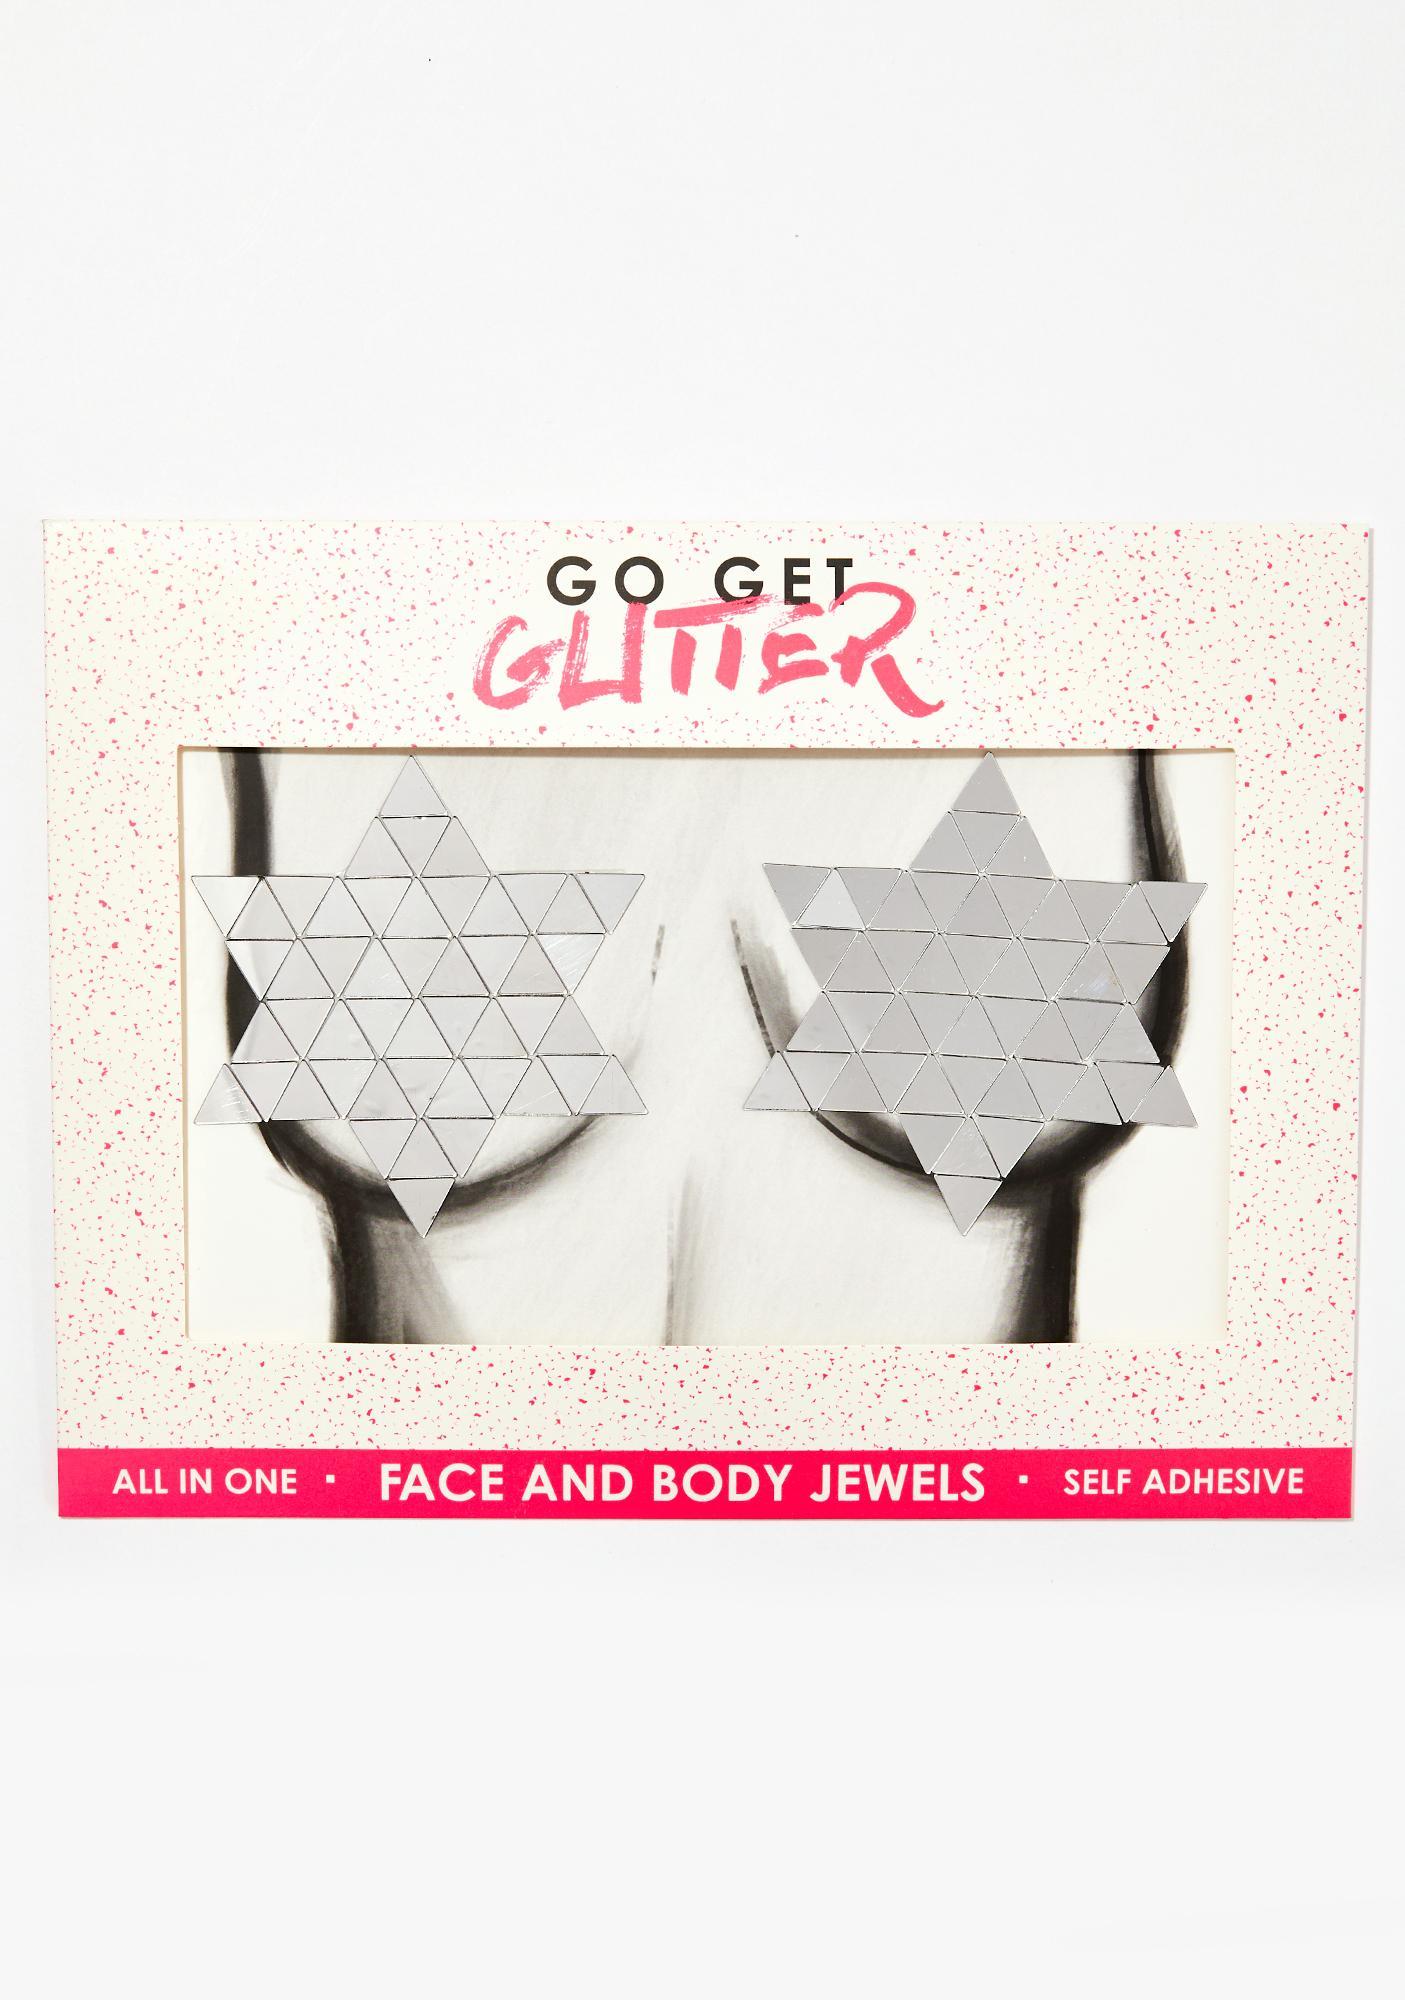 Go Get Glitter Silver Mirror Boob Jewels